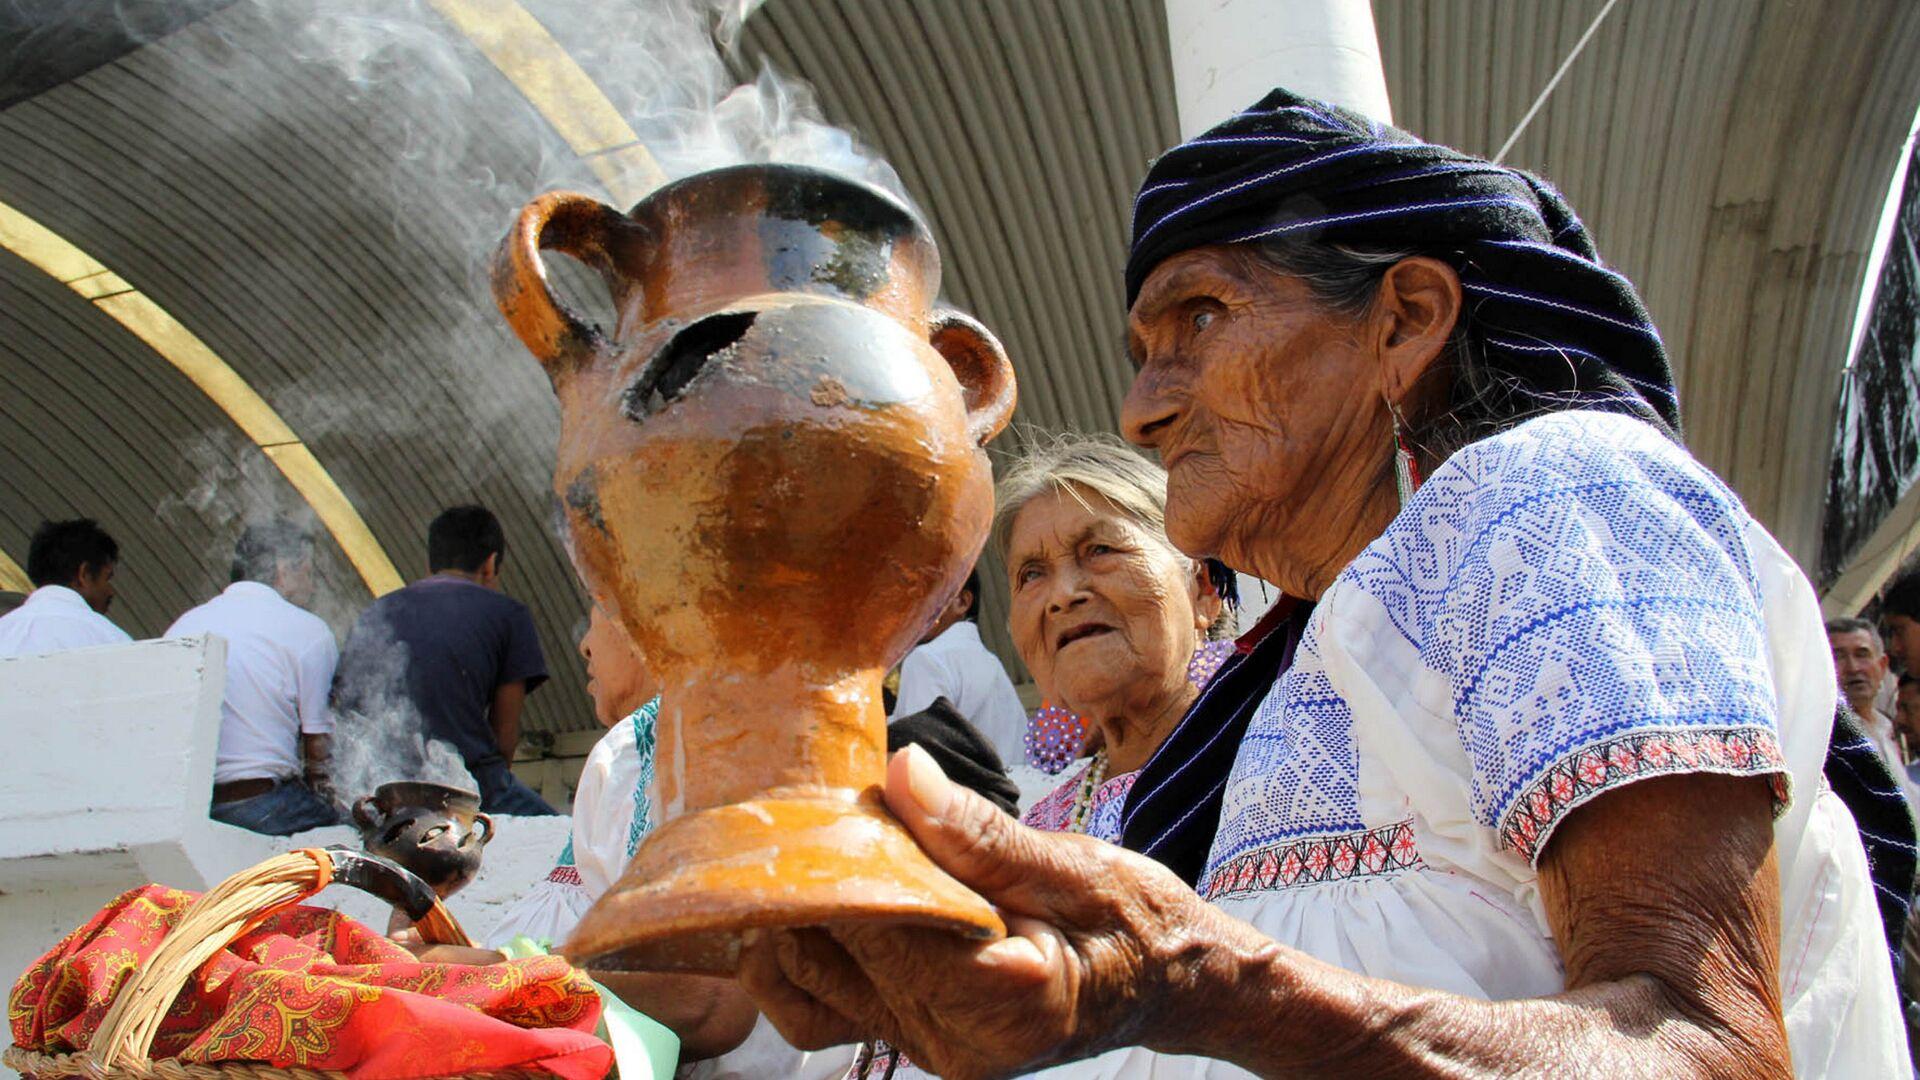 Los representantes de las comunidades indígenas en Ciudad de México (imagen referencial) - Sputnik Mundo, 1920, 03.06.2021